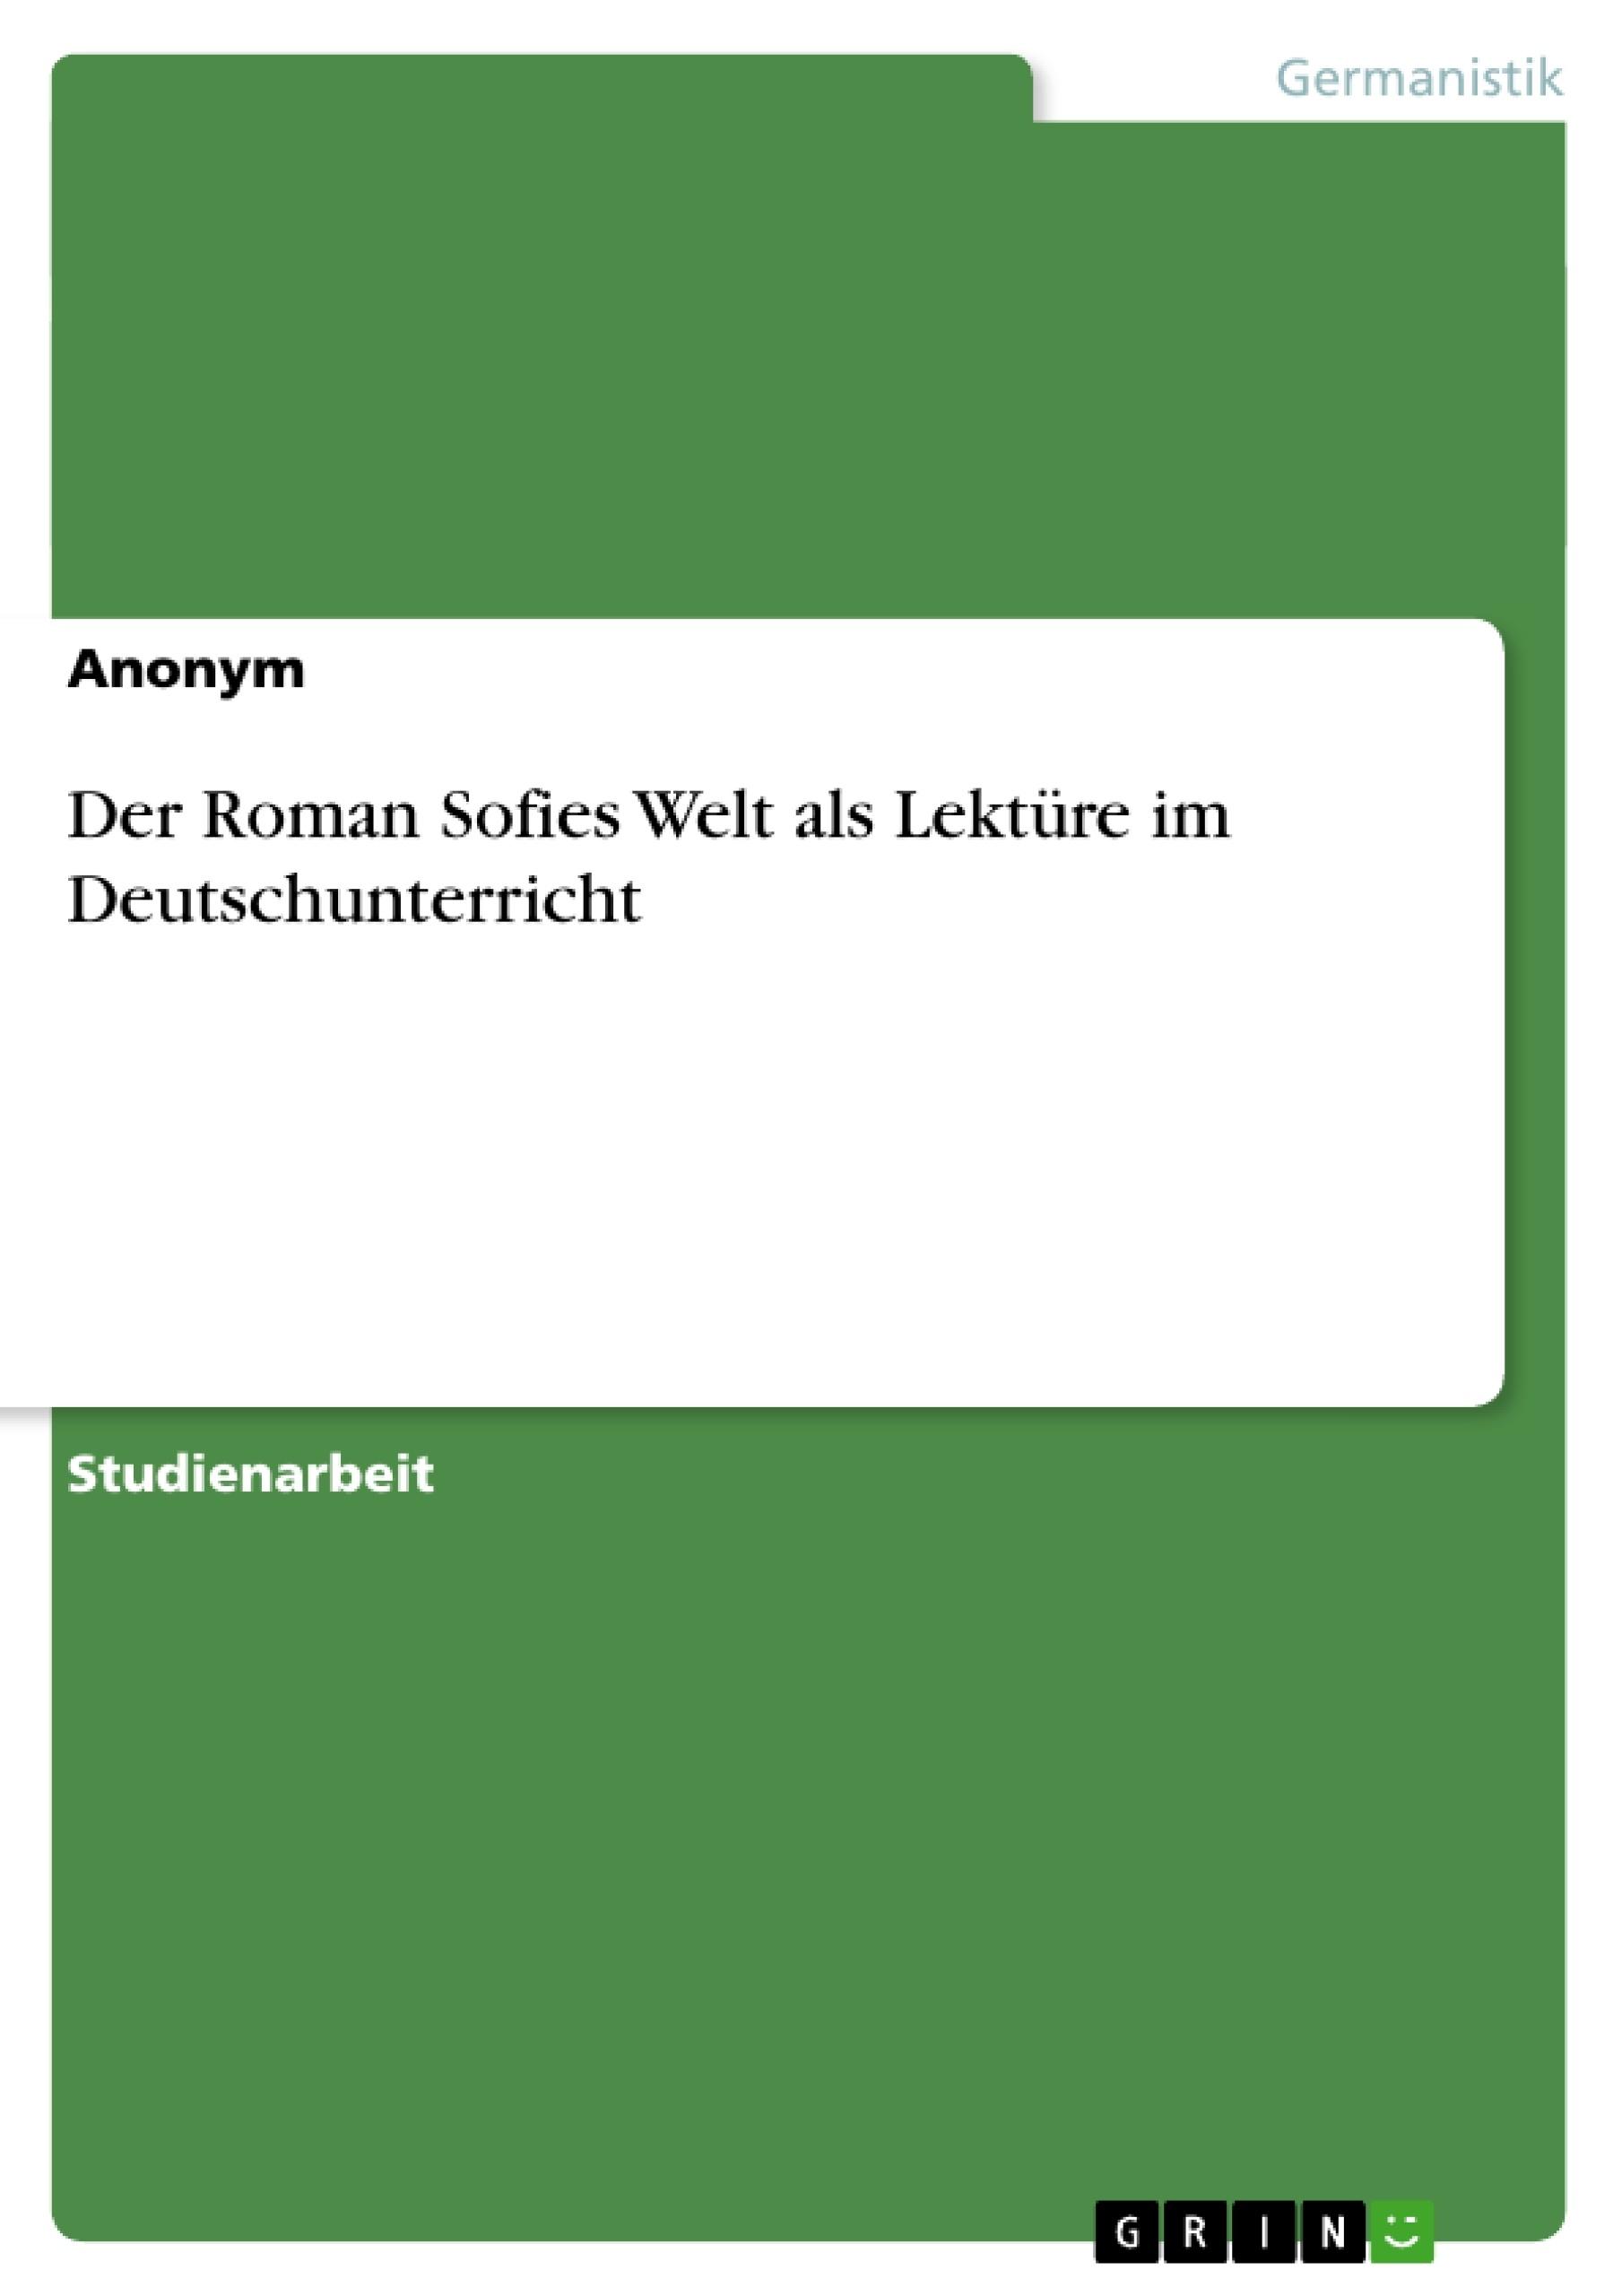 Titel: Der Roman Sofies Welt als Lektüre im Deutschunterricht